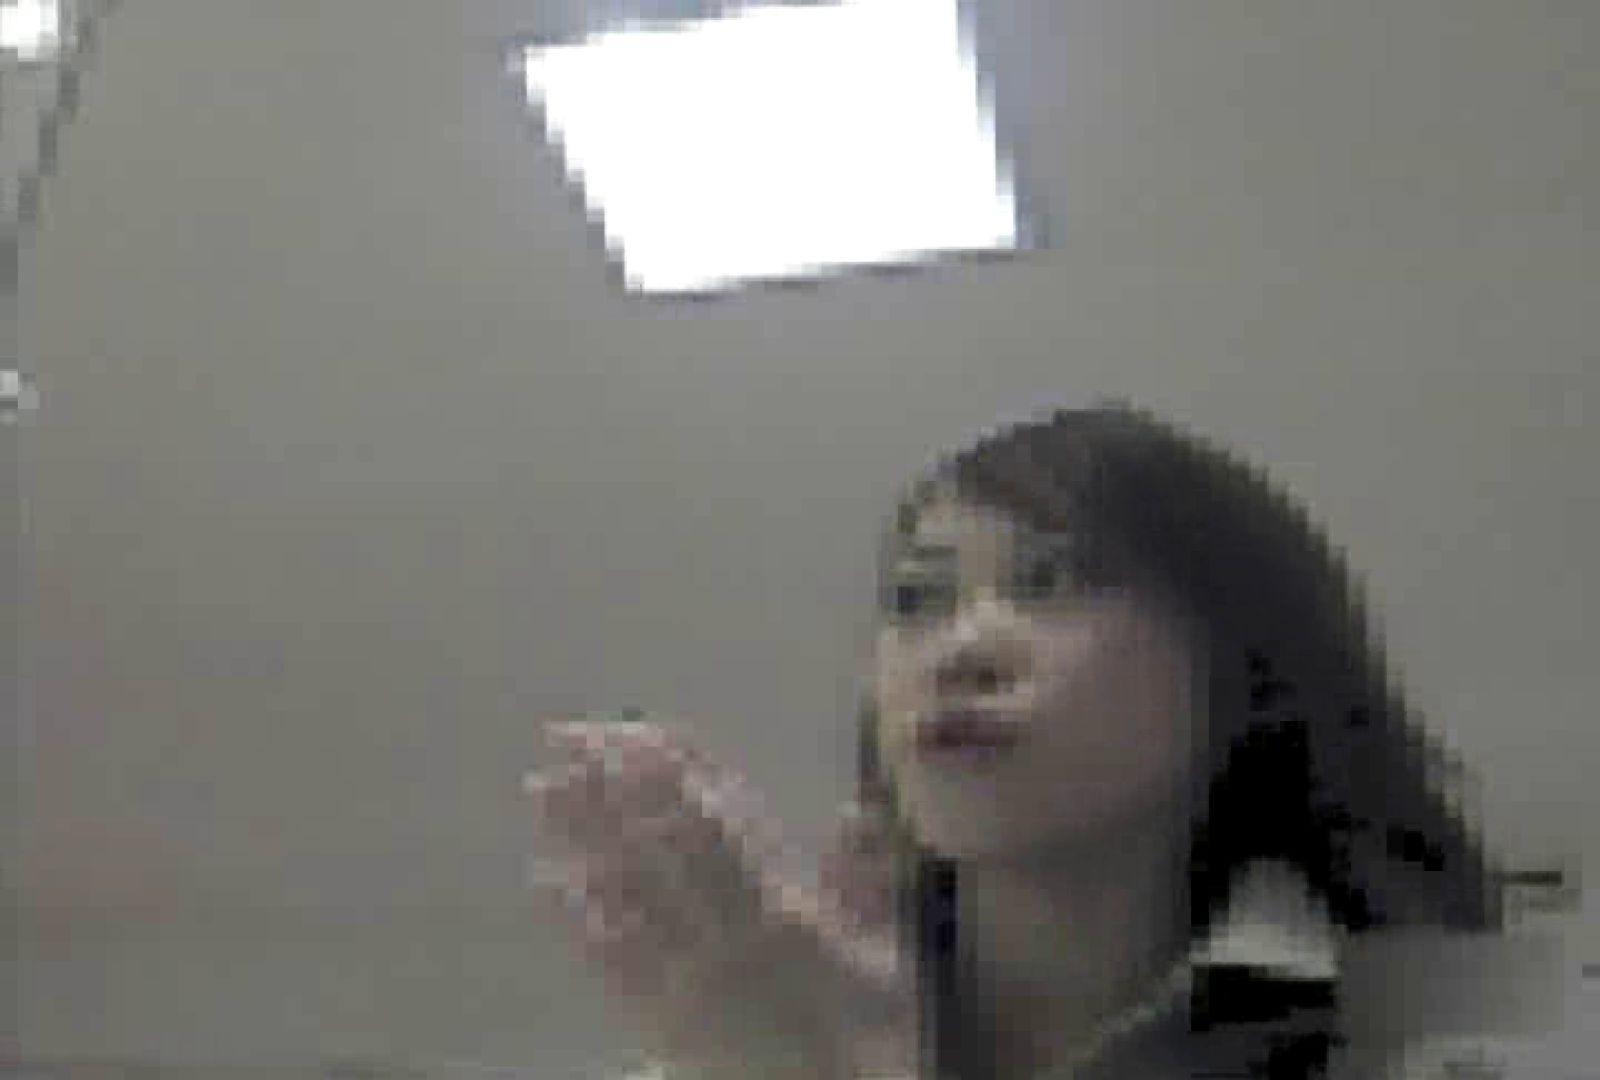 ショップ店員のパンチラアクシデント Vol.24 覗き放題 隠し撮りすけべAV動画紹介 98画像 74